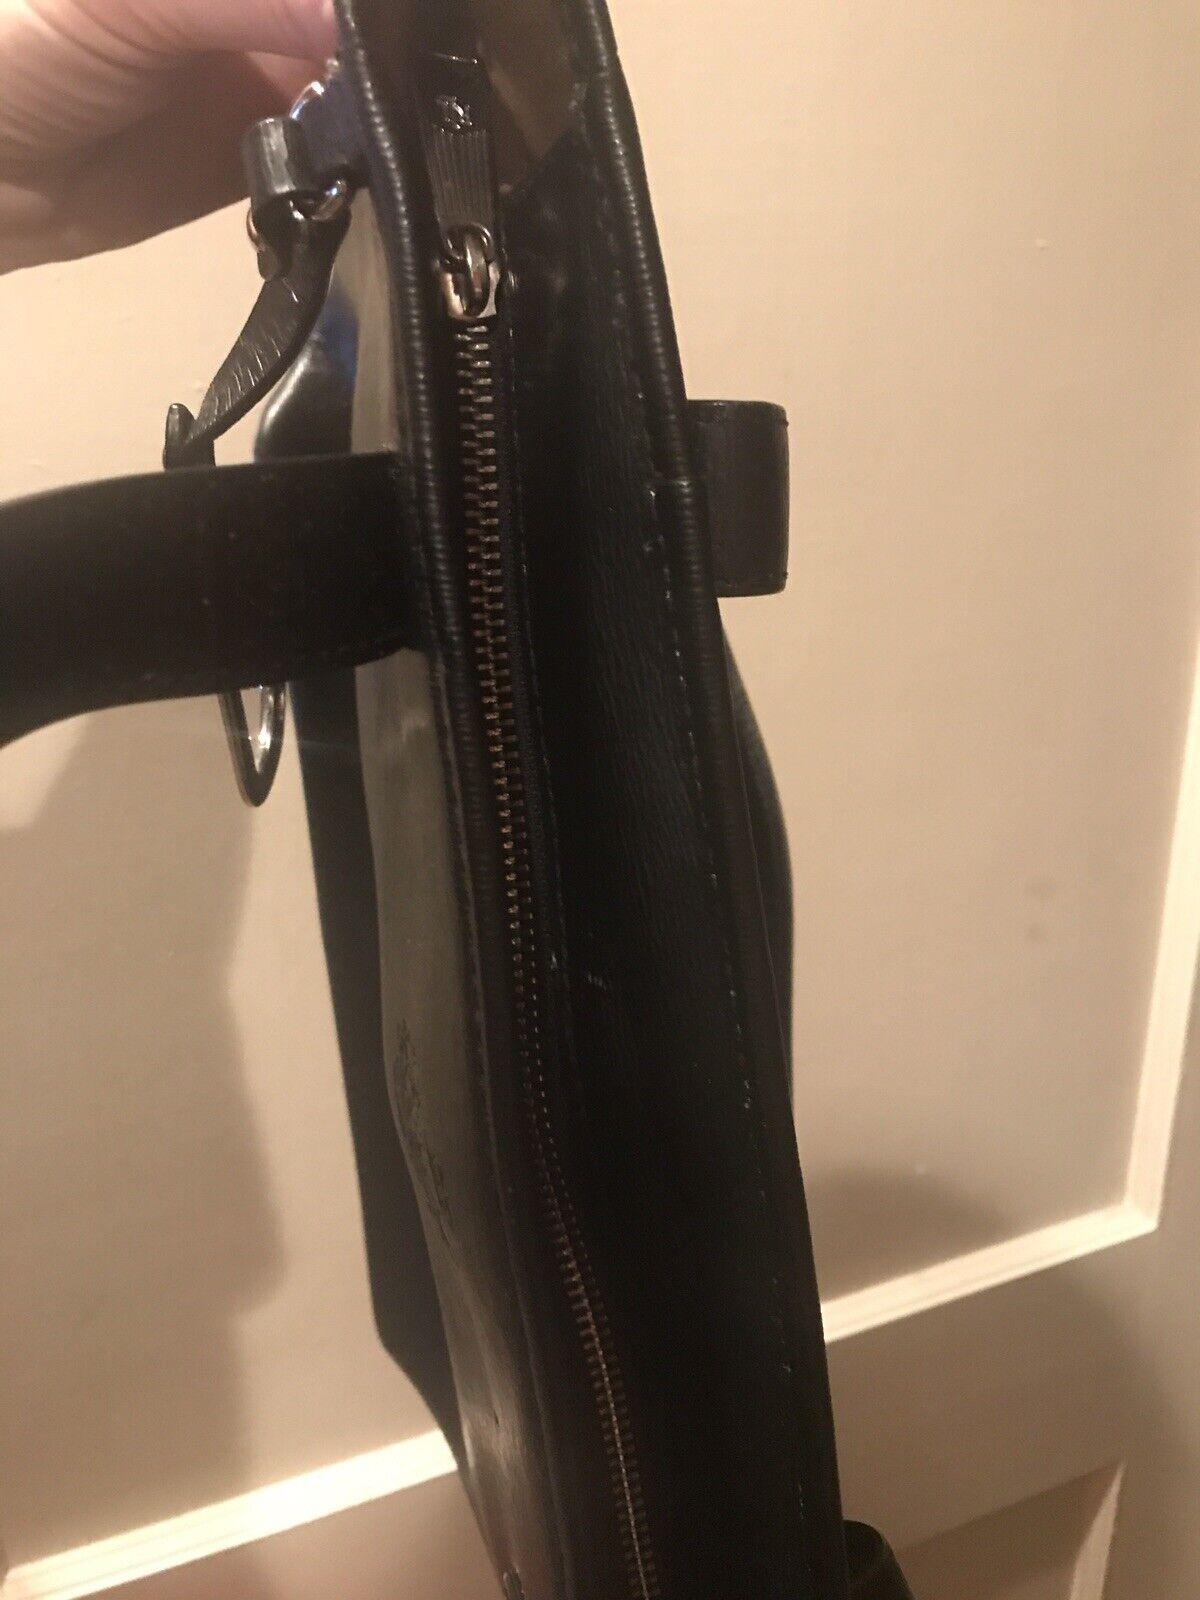 Ralph Lauren blk classic handbag - image 2